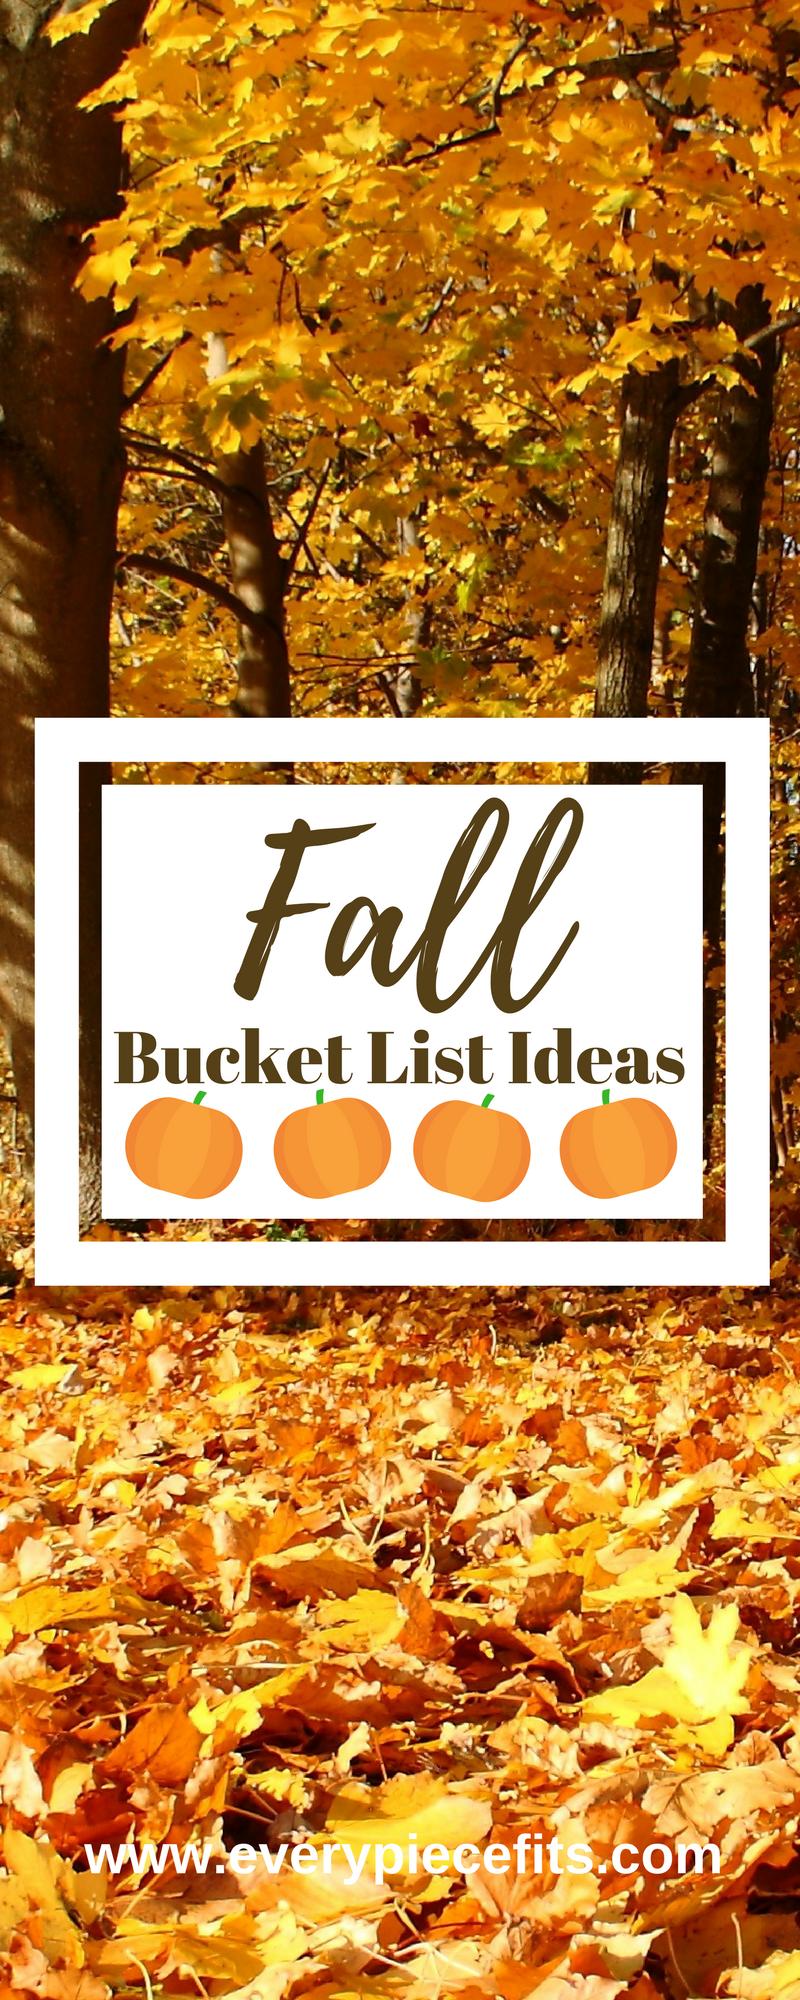 Pinterest Fall Bucket List Ideas.png